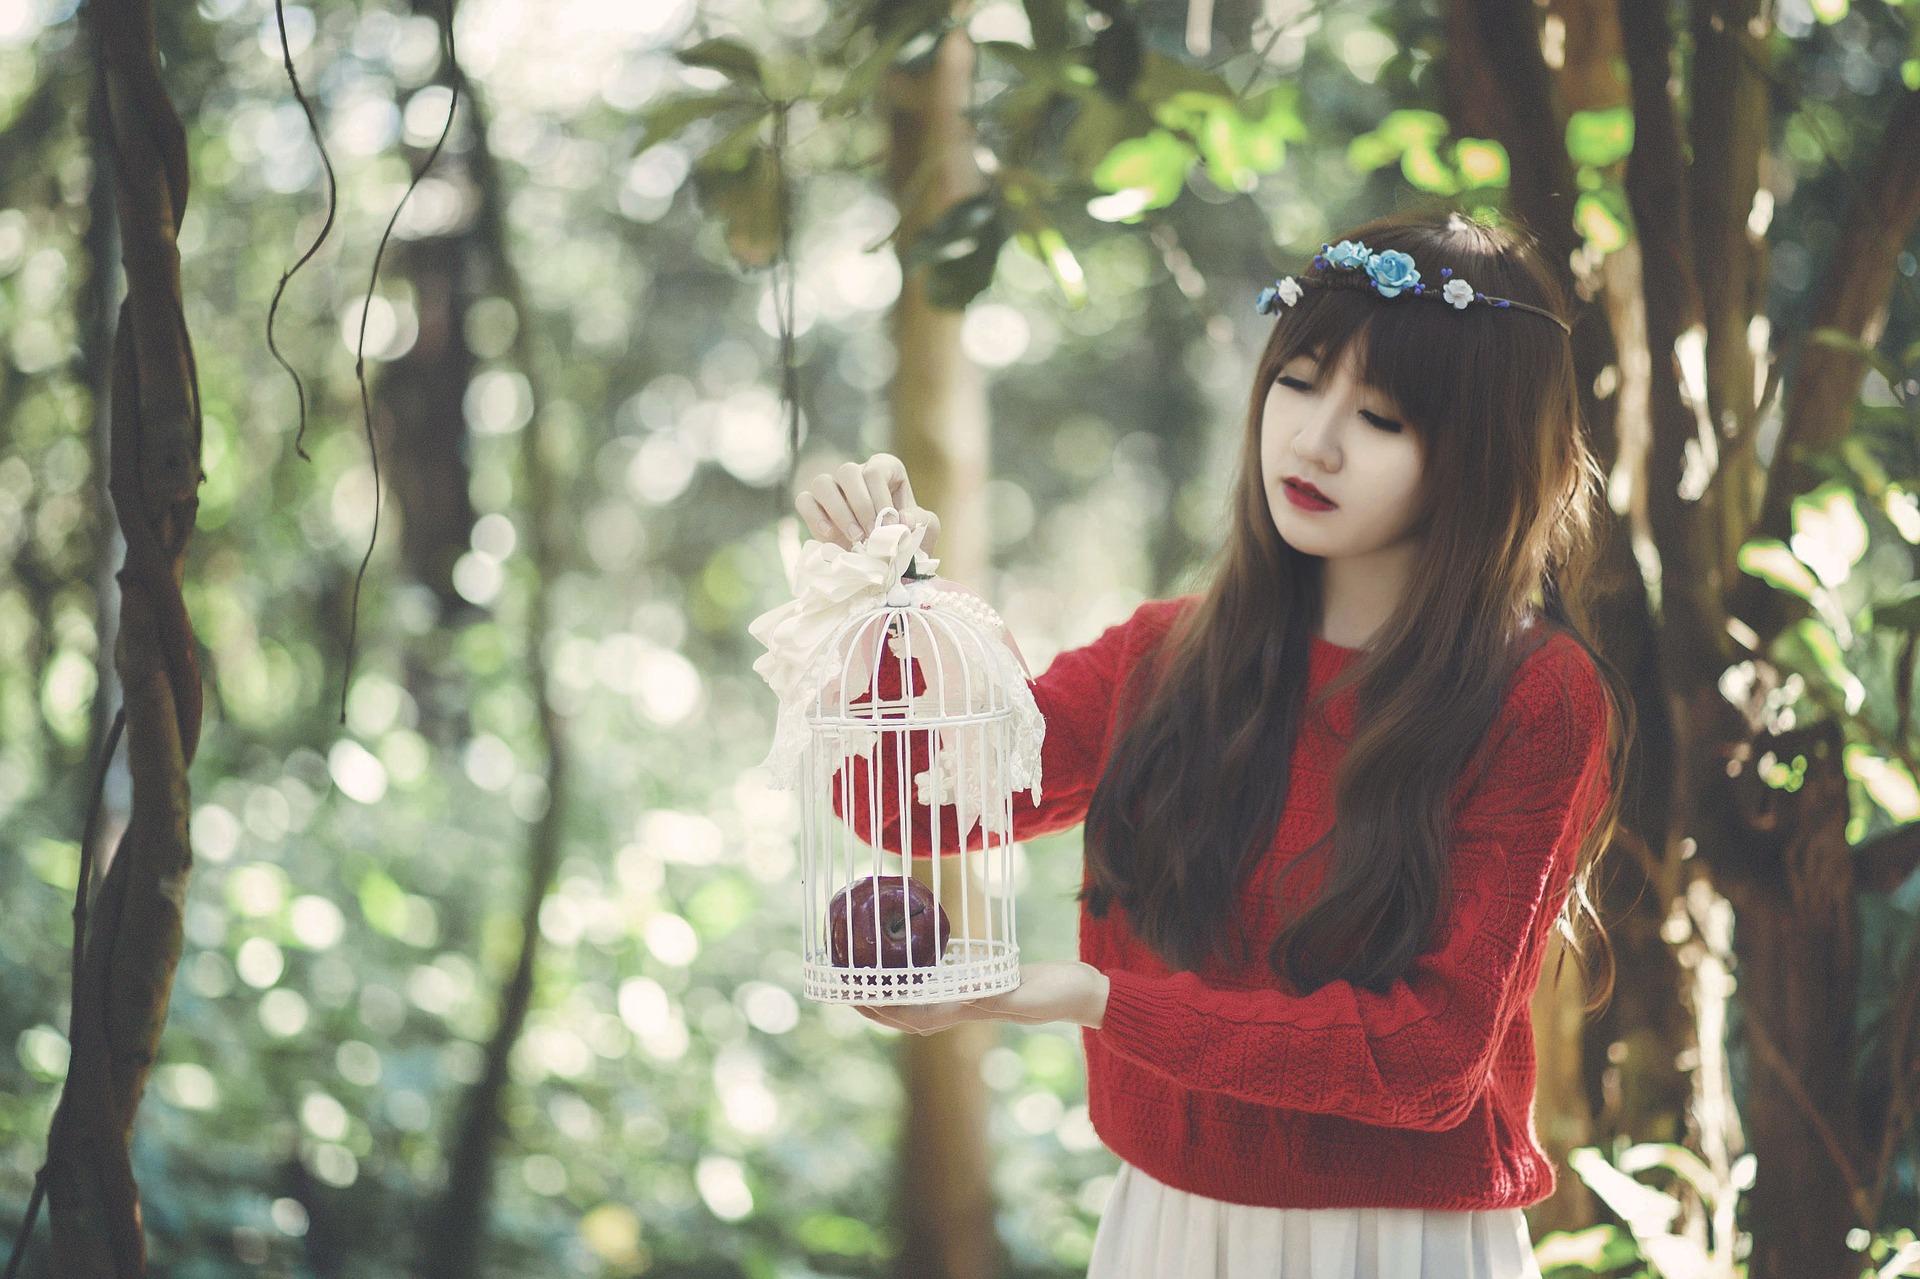 girl-1733335_1920.jpg